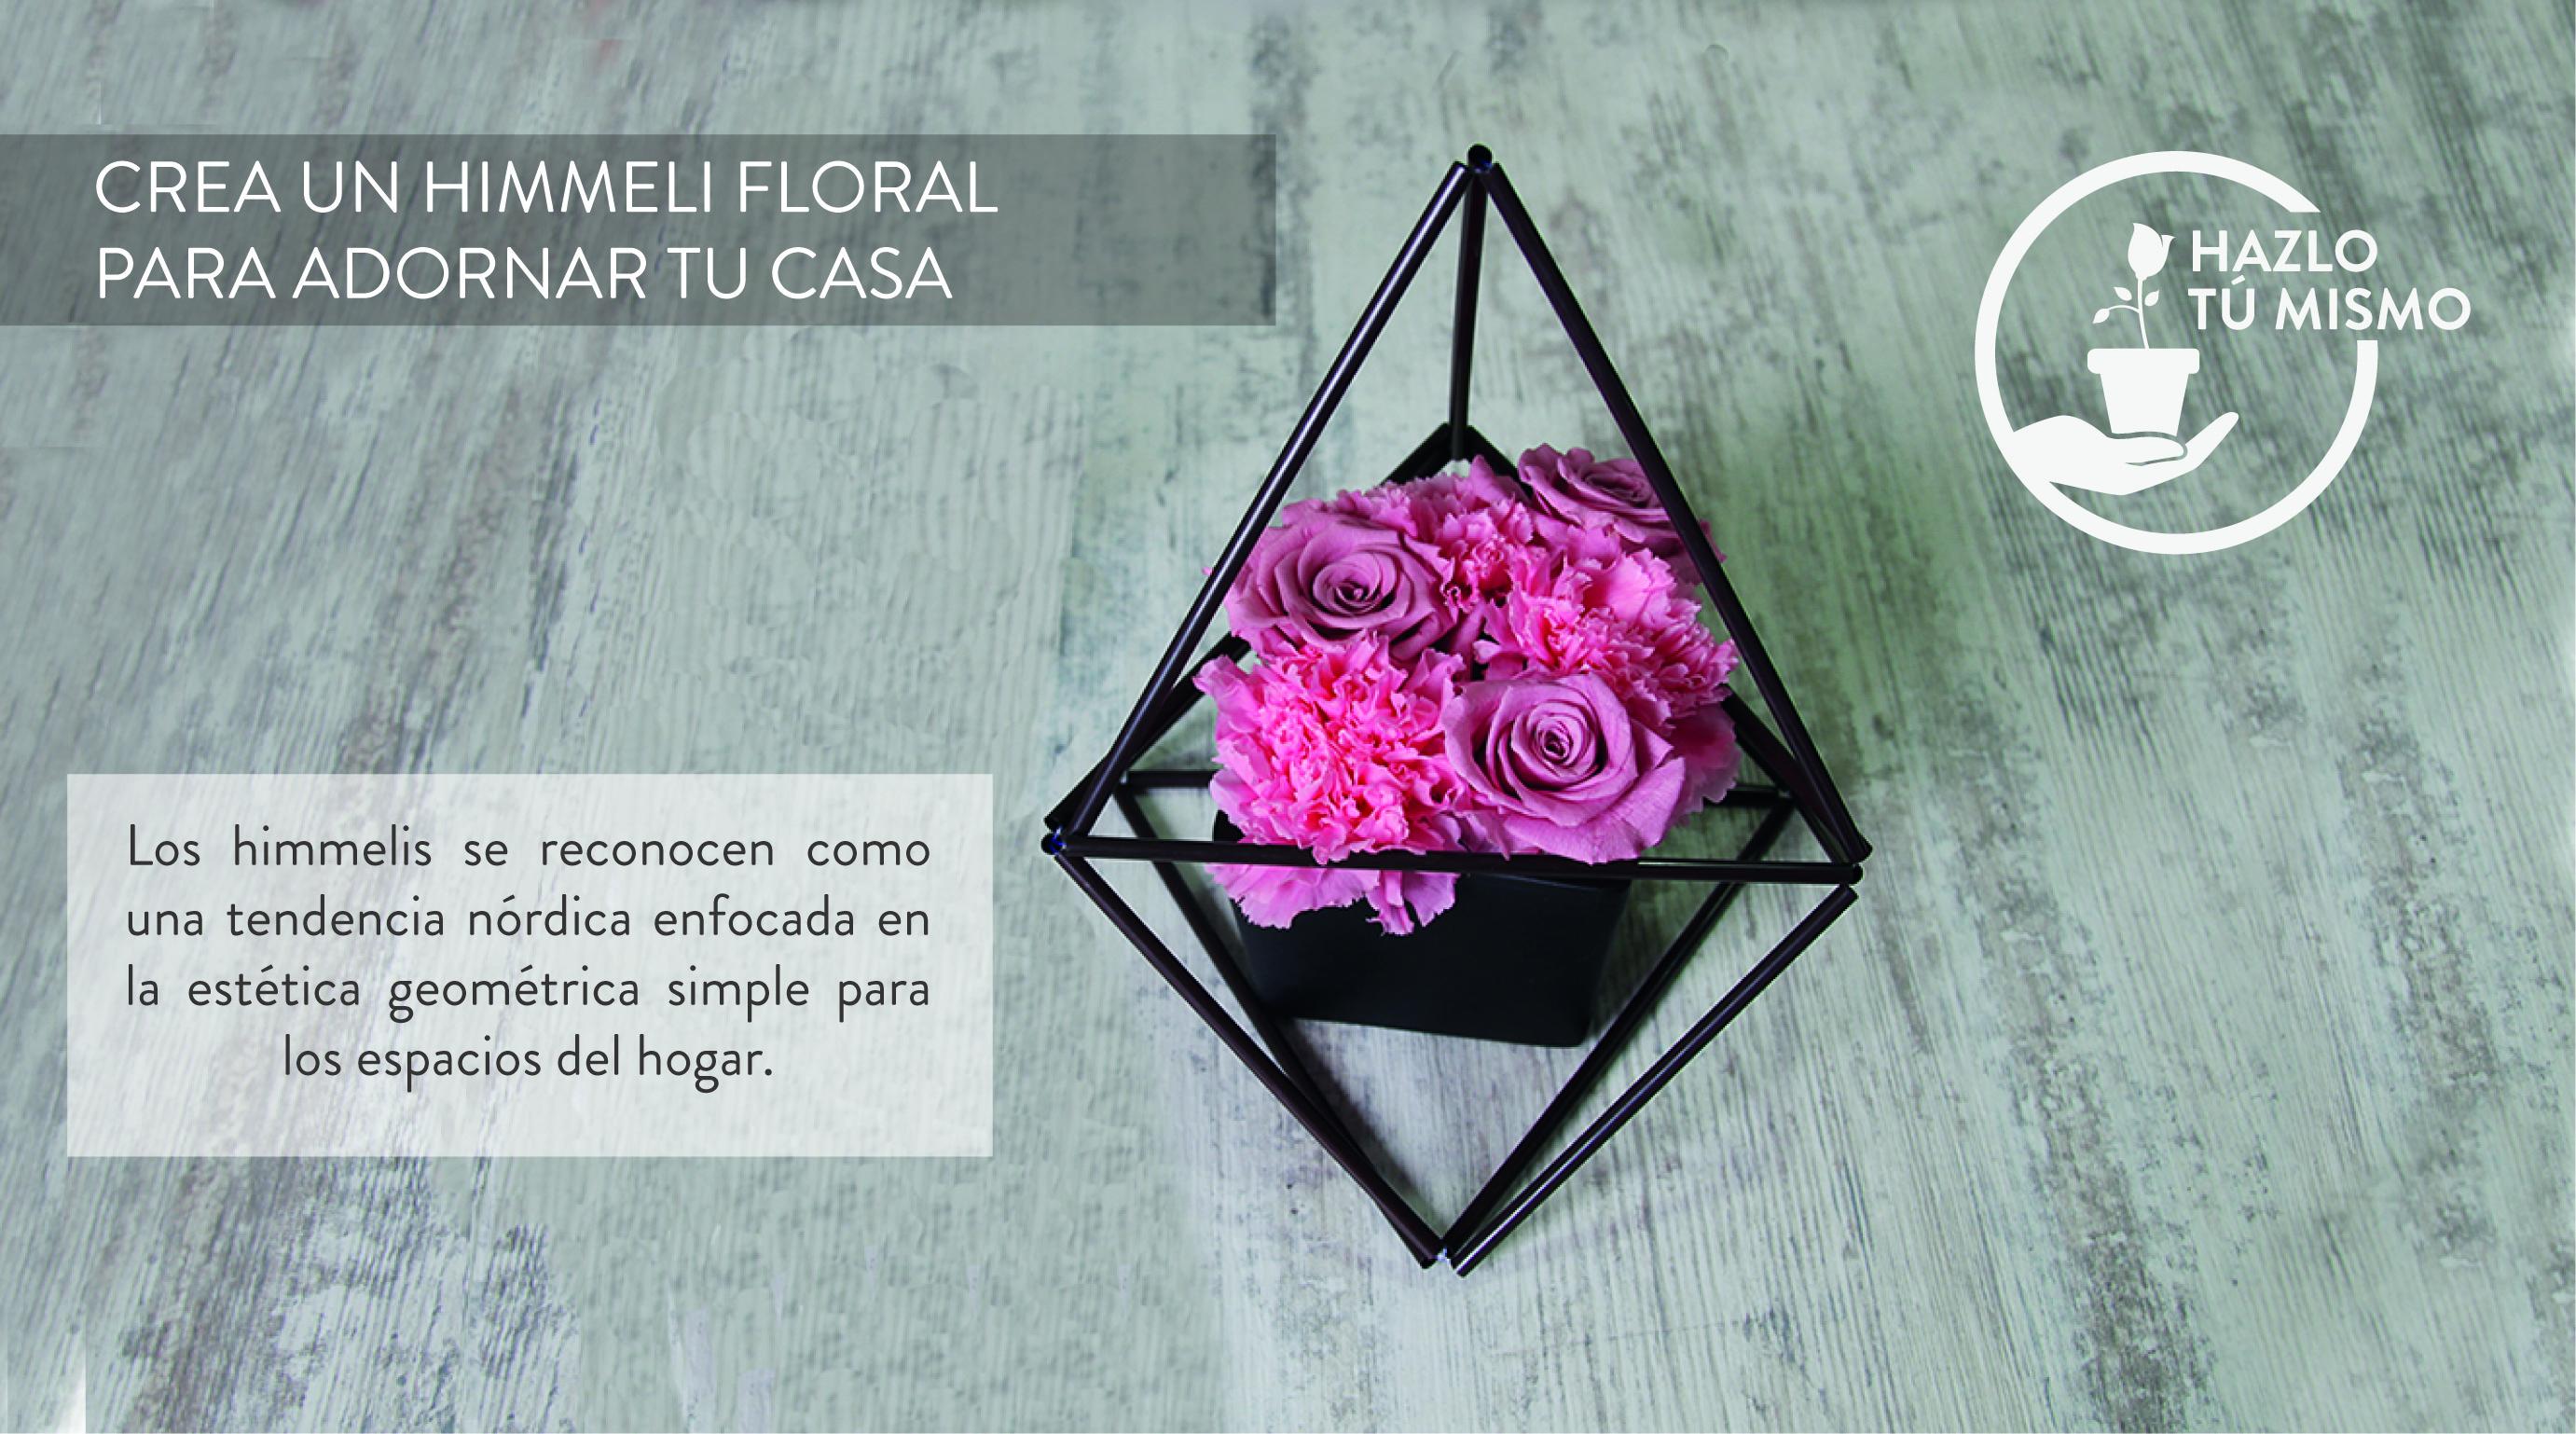 Himmeli floral para adornar tu casa - DIY - Verdissimo